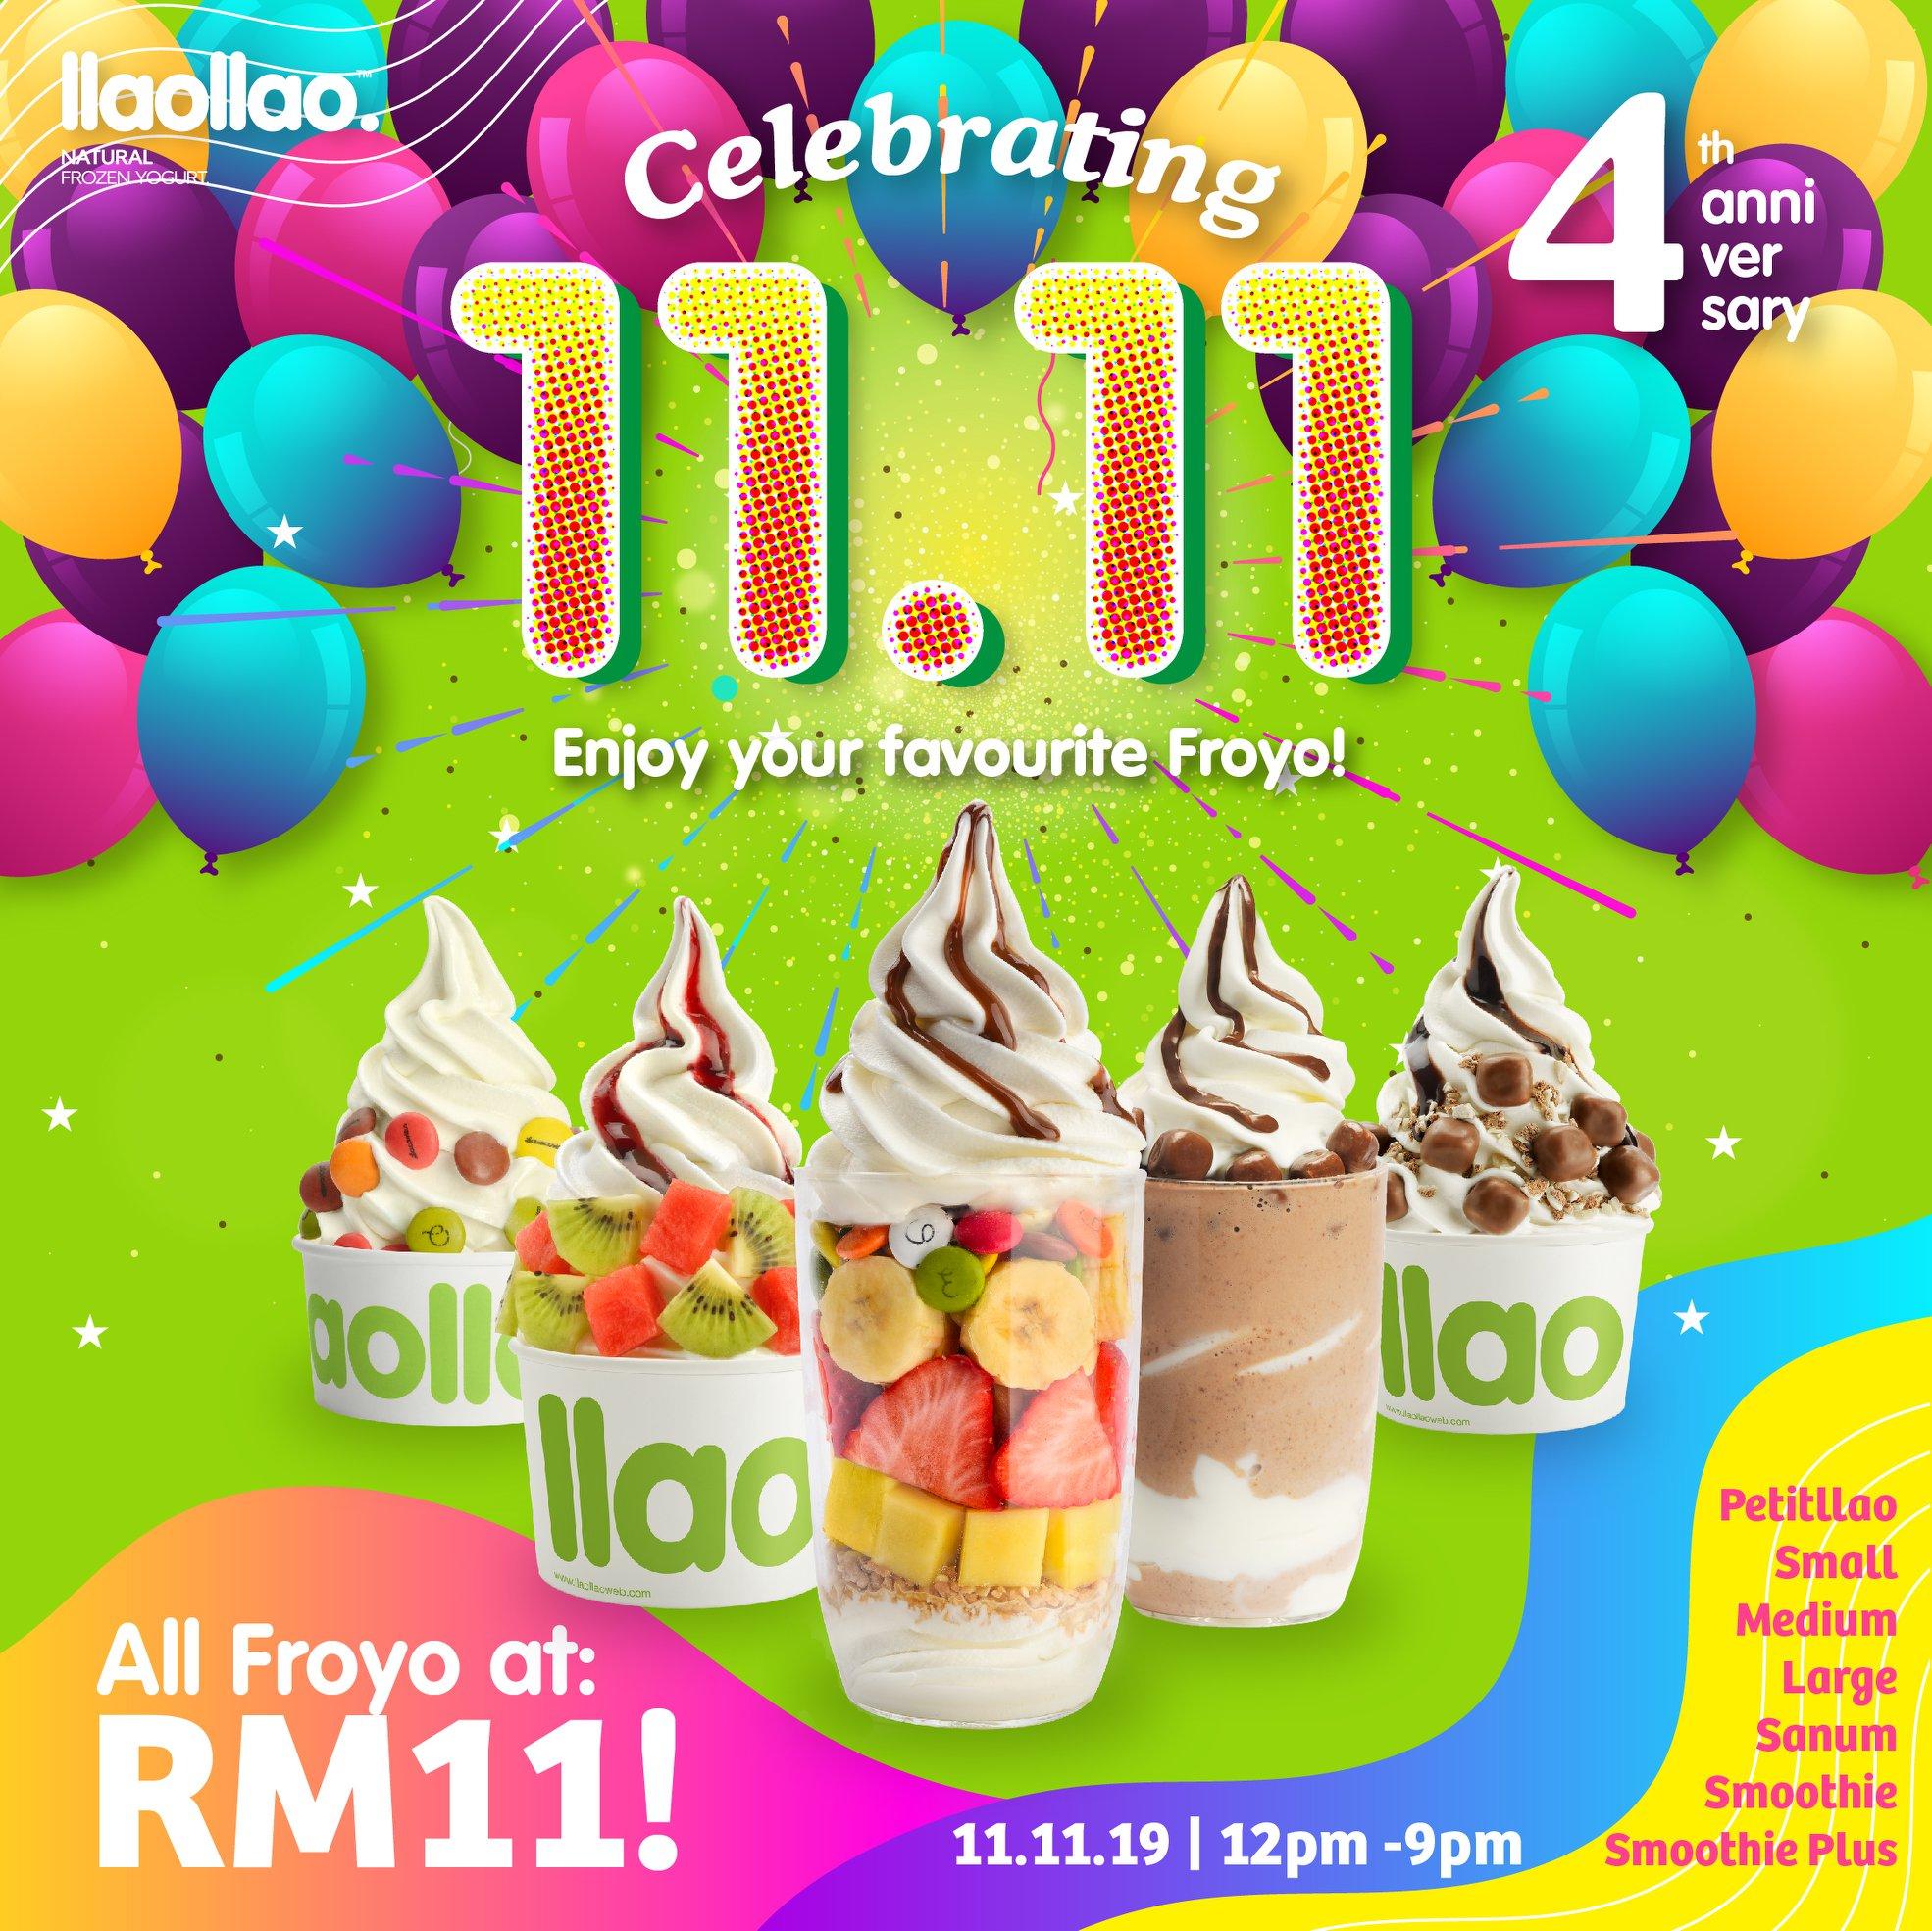 11.11 food deals 2019